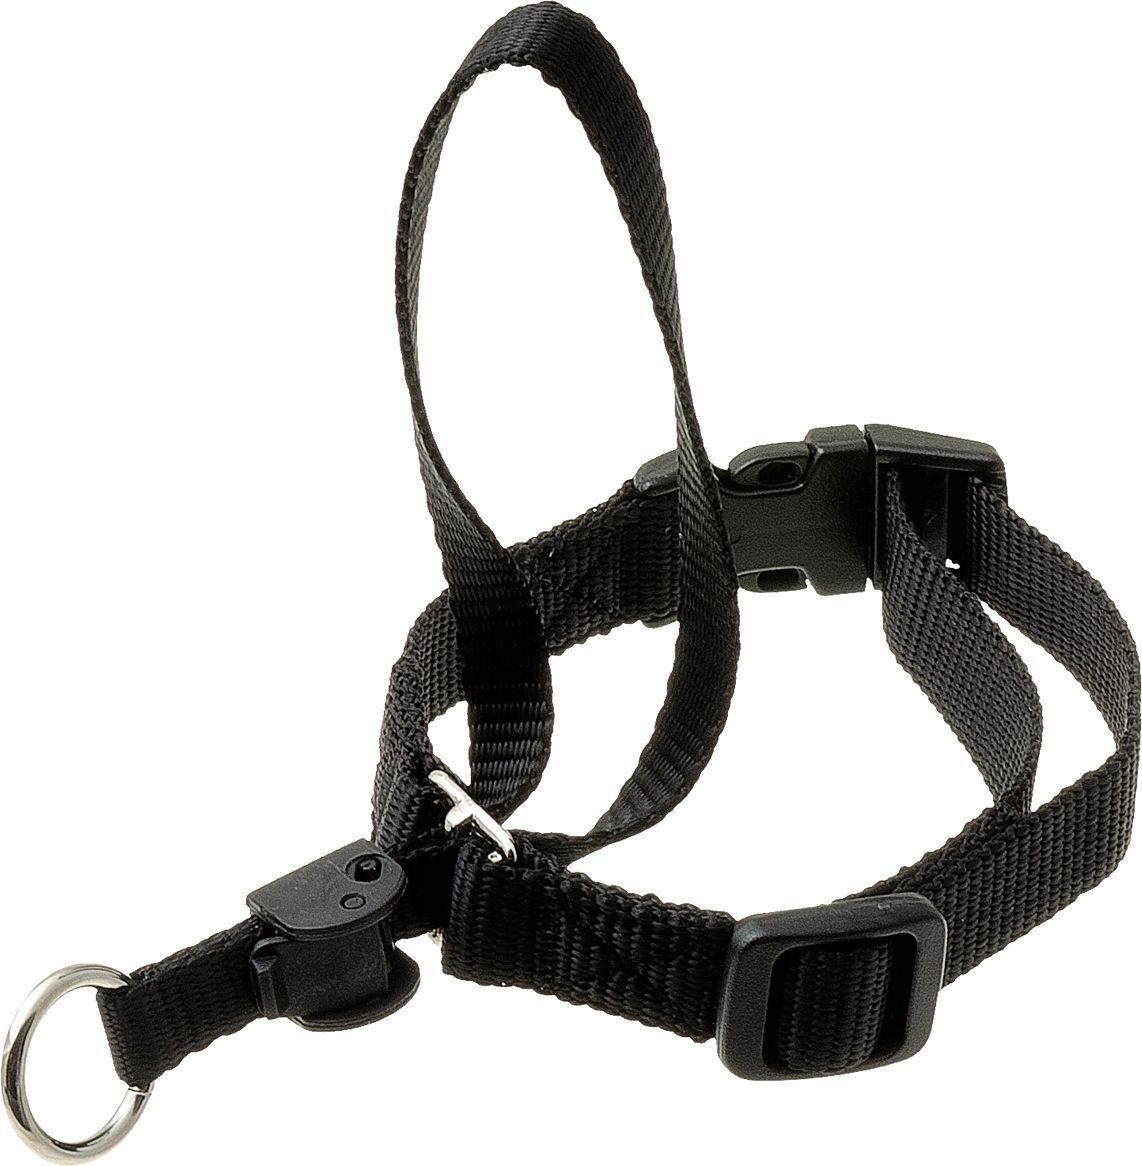 Недоуздок для собак V.I.Pet, цвет: черный. Размер 1 (шея 29-38 см) недоуздок для собак в иркутске